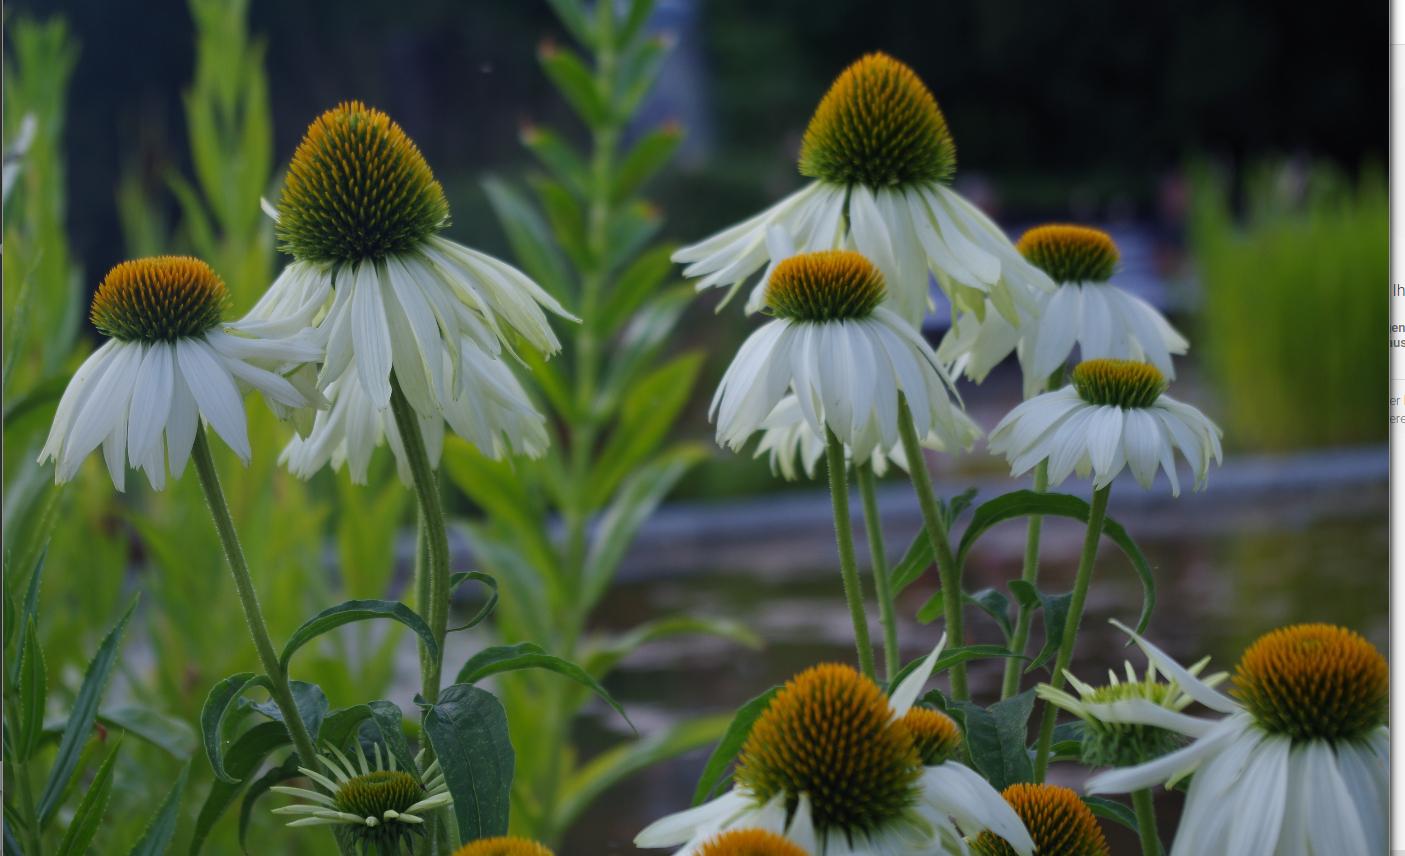 Blumenbilder Download | Freeware.de bei Blumenbilder Kostenlos Herunterladen